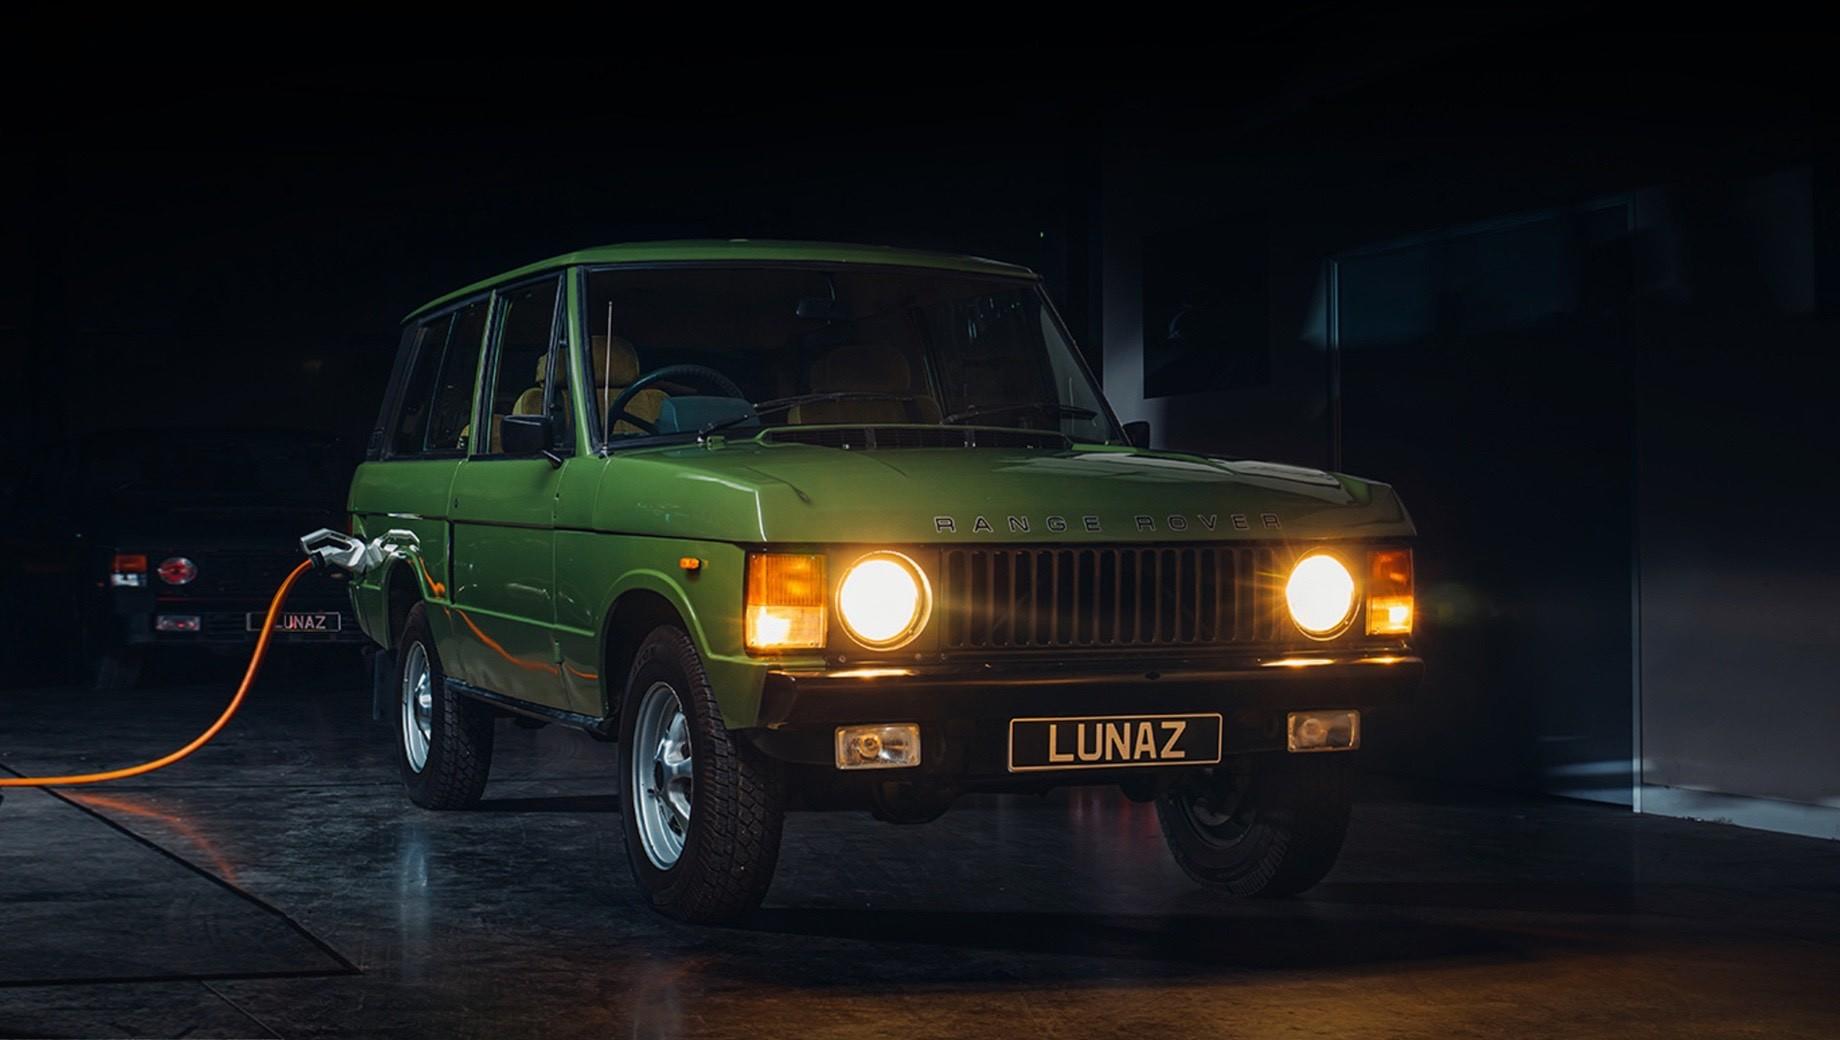 Land rover range rover,Land rover range rover classic. Англичане планируют сделать всего 50 электрокаров на базе внедорожника Range Rover Classic, а цена каждого из них — не меньше 245 000 фунтов стерлингов (24,2 млн рублей). Для сравнения, 565-сильный Range Rover SVAutobiography в максимальной комплектации стоит 214 000 фунтов (21,1 млн).